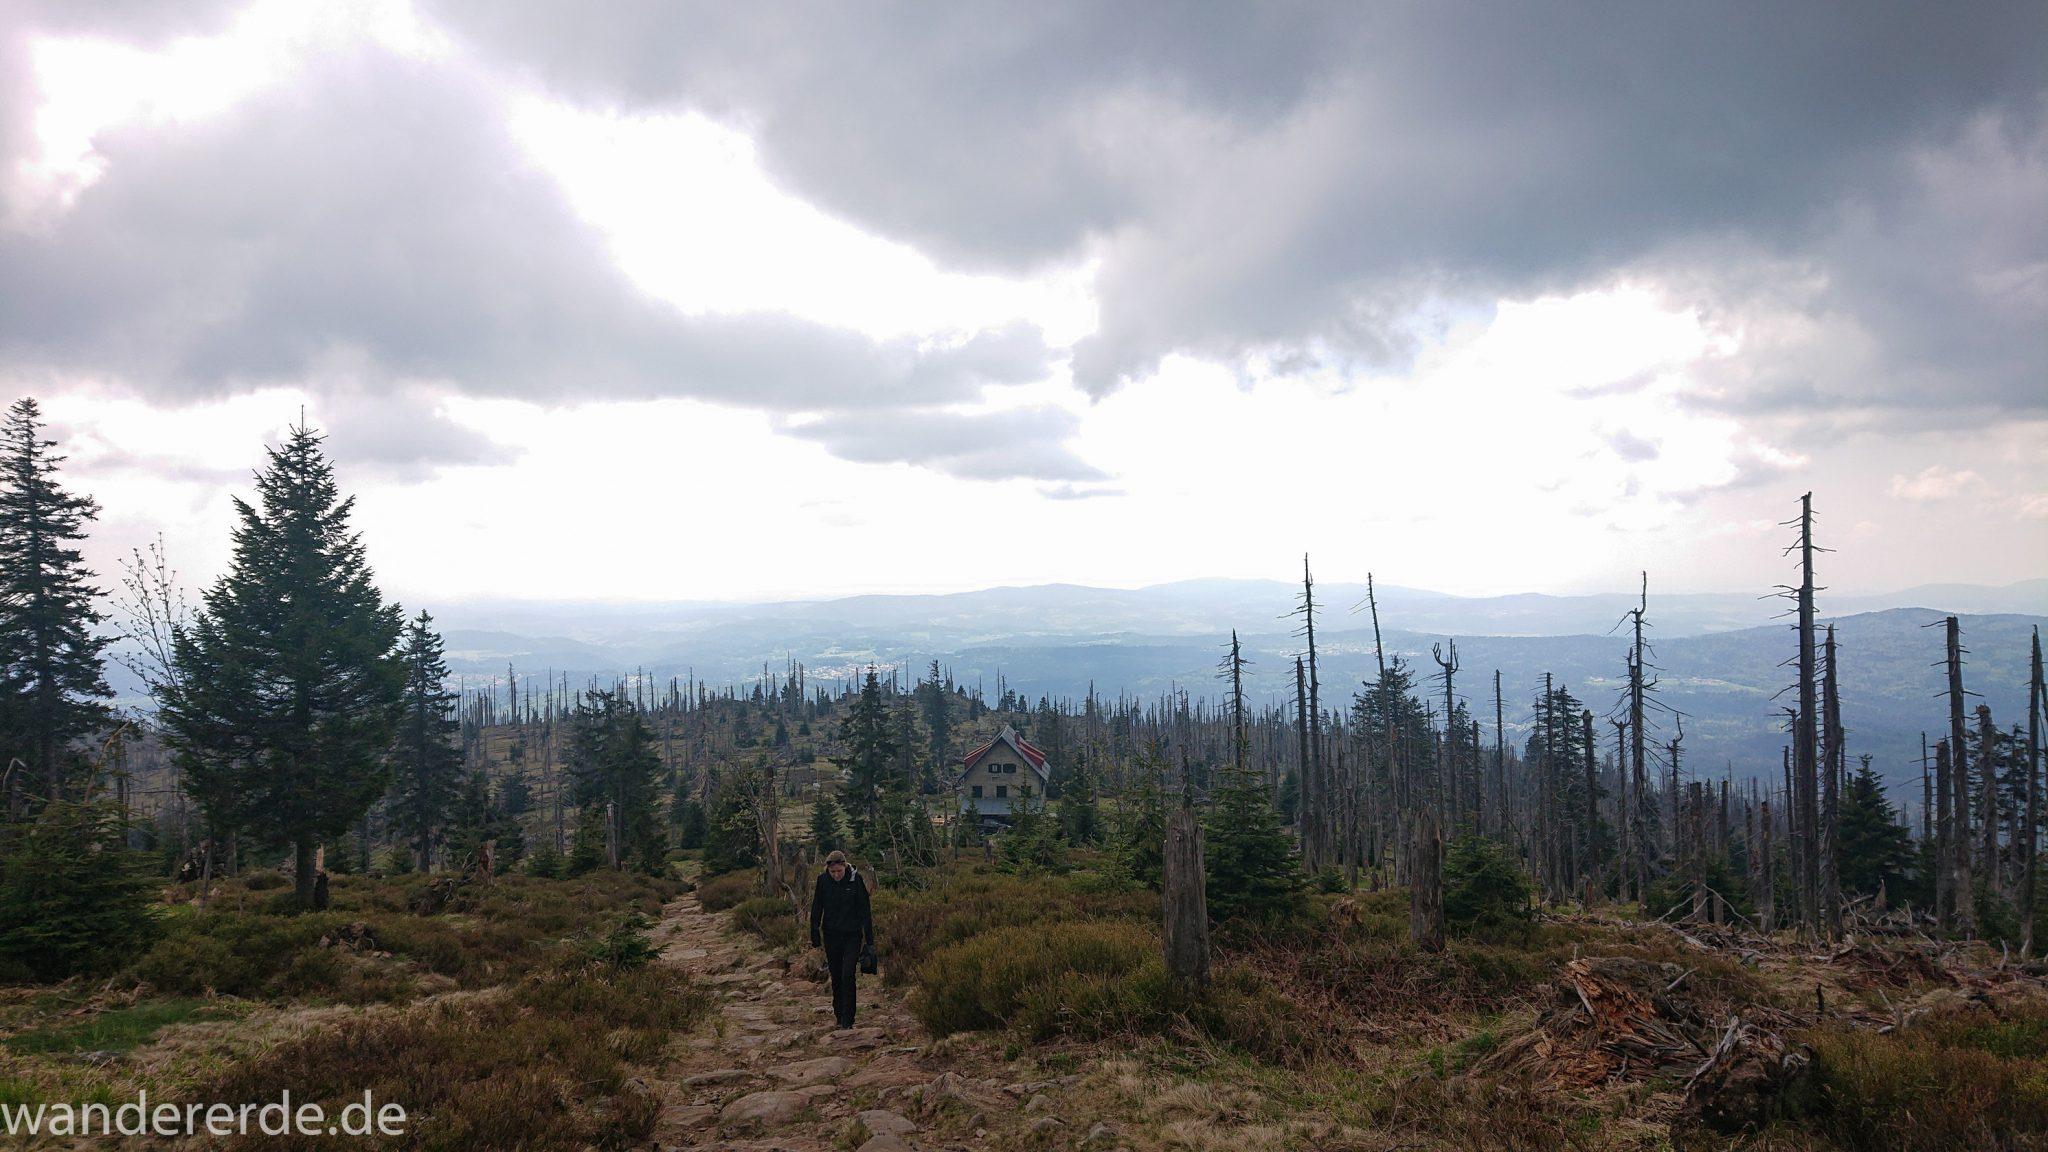 Wanderung Großer Rachel im Nationalpark Bayerischer Wald, Start Parkplatz Oberfrauenau, abwechslungsreicher Wanderweg, auf schmalem Pfad über Stock und Stein, Zerstörung einiger Waldgebiete durch den Borkenkäfer, umgefallene Bäume werden liegen gelassen im Nationalpark, Natur wird sich selbst überlassen, letzter Abschnitt auf den Großen Rachel vom Waldschmidthaus sehr steil über große Steine, weite Aussicht auf Waldgebiet Bayerischer Wald